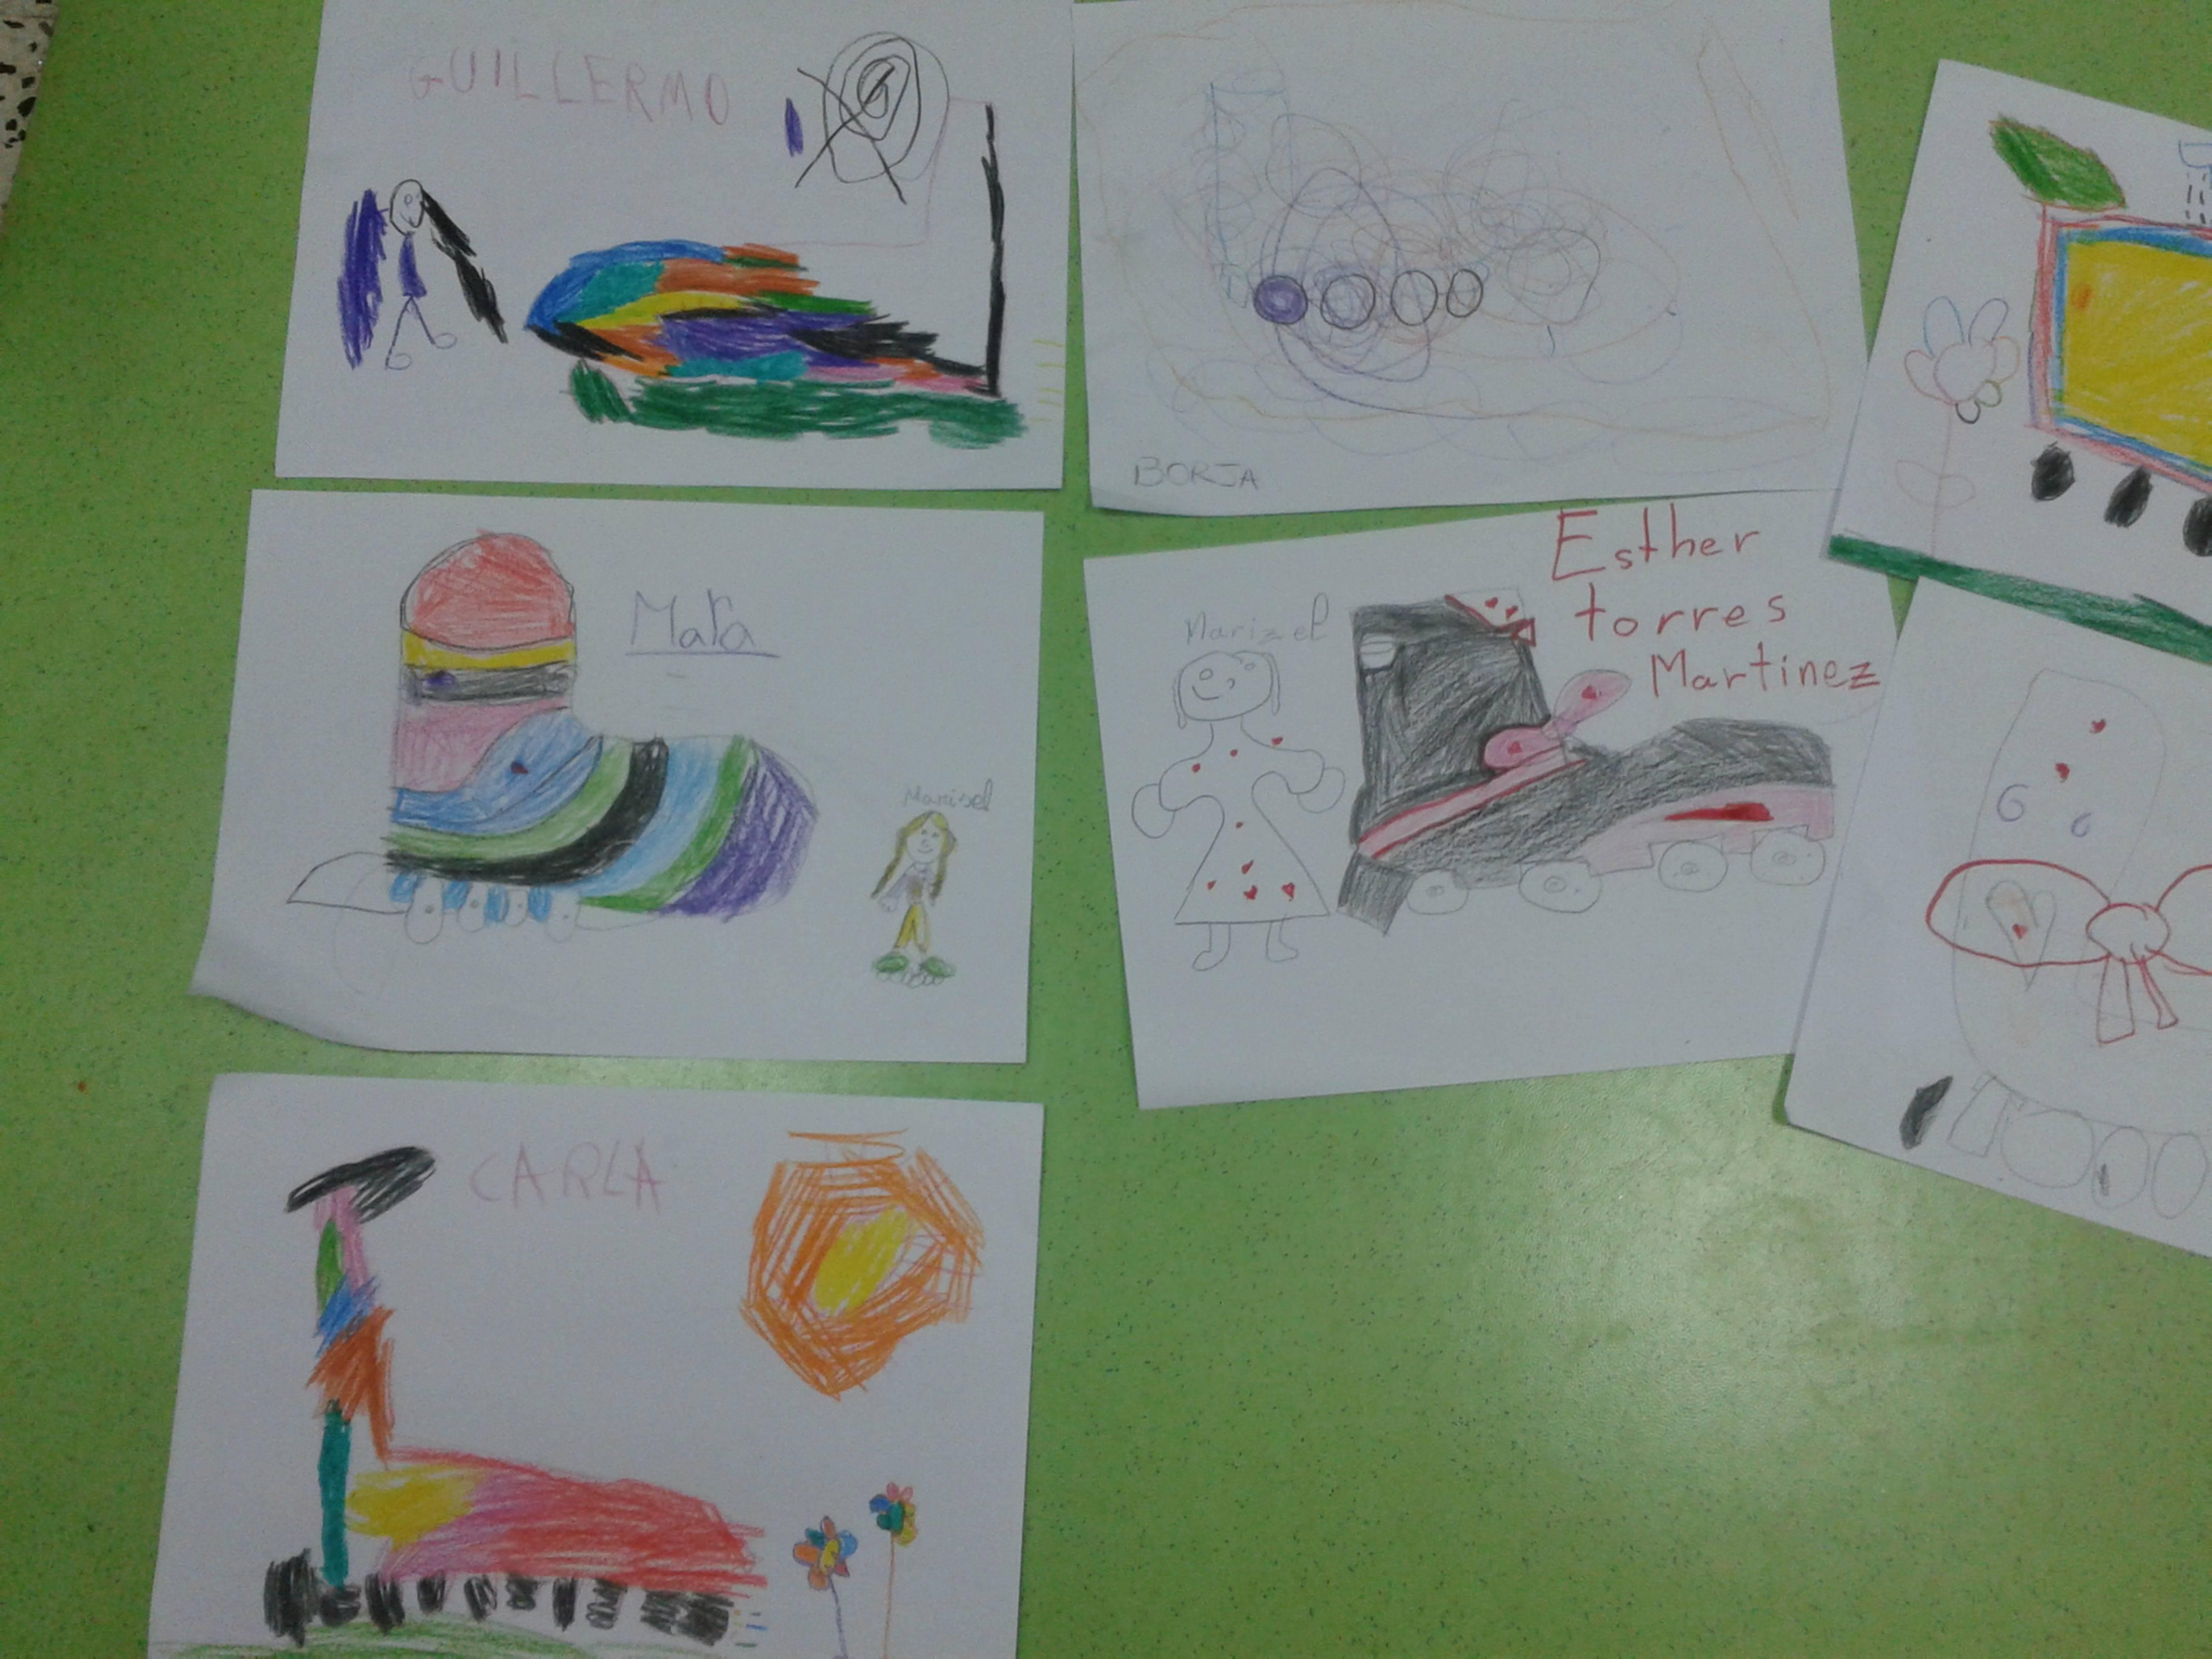 Dibujos de nuestros alumnos del colegio Sagrado Corazón